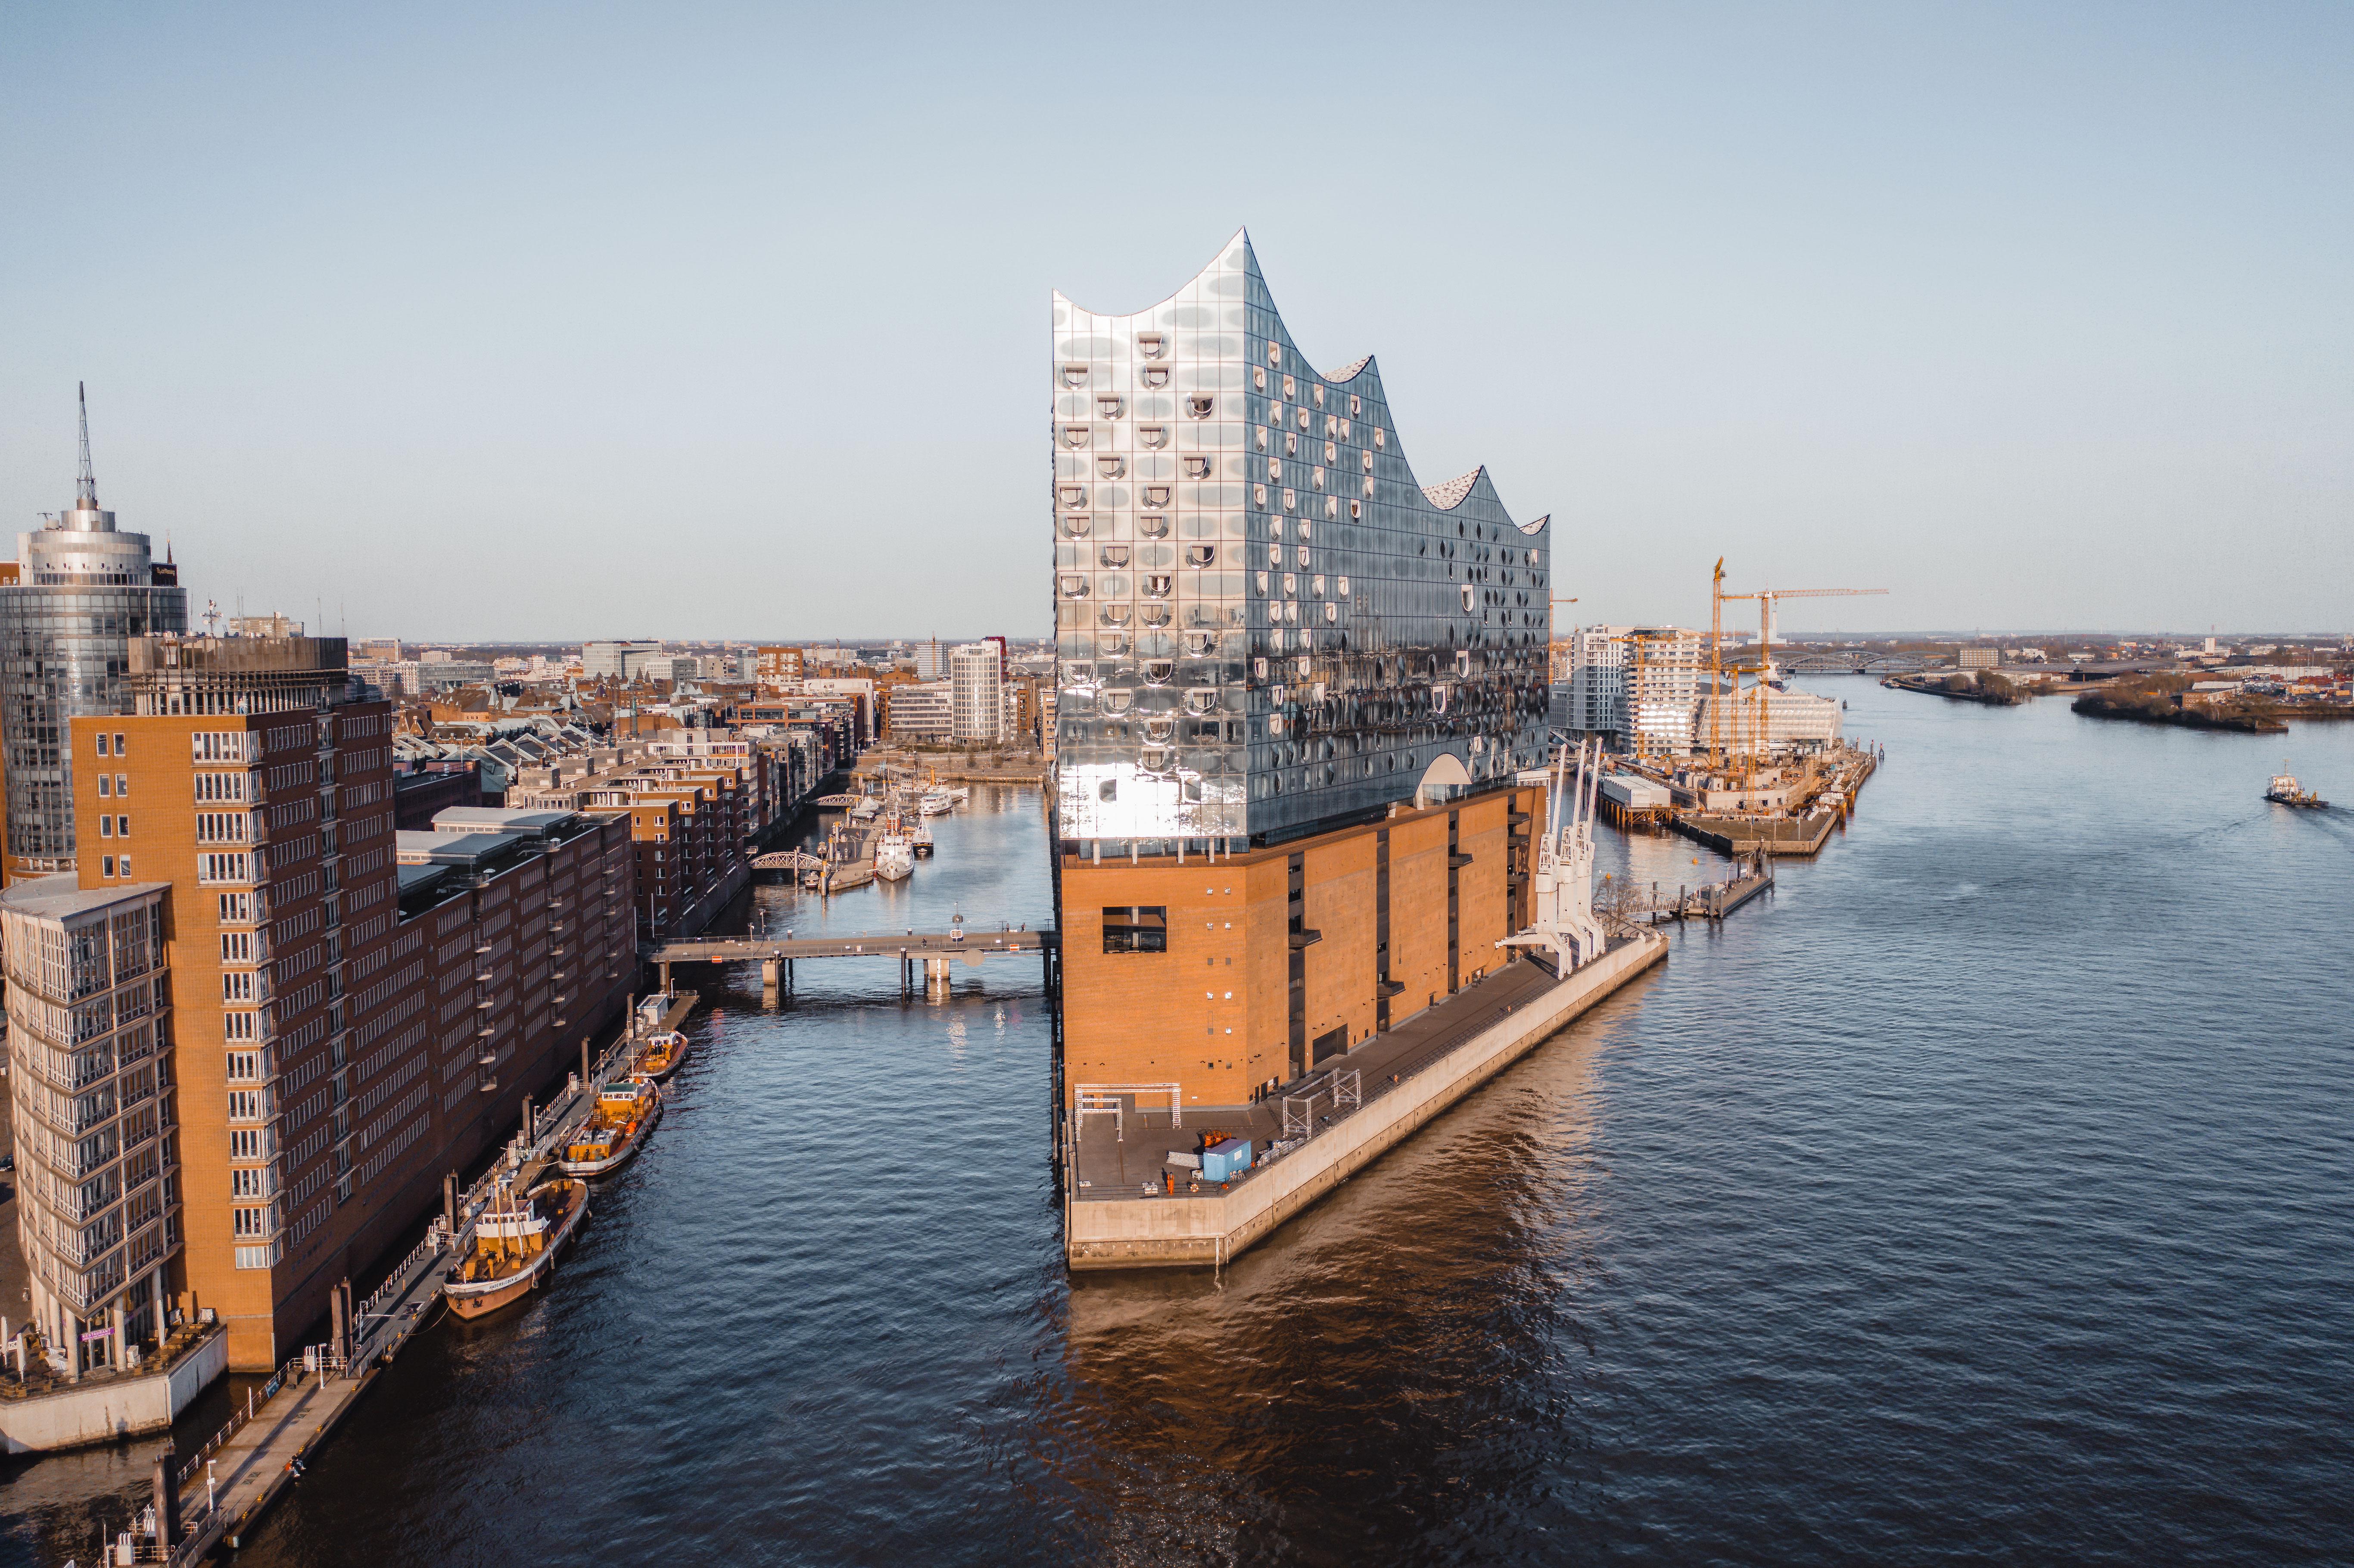 Elbphilharmonie Hamburg Dorhnenaufnahmen